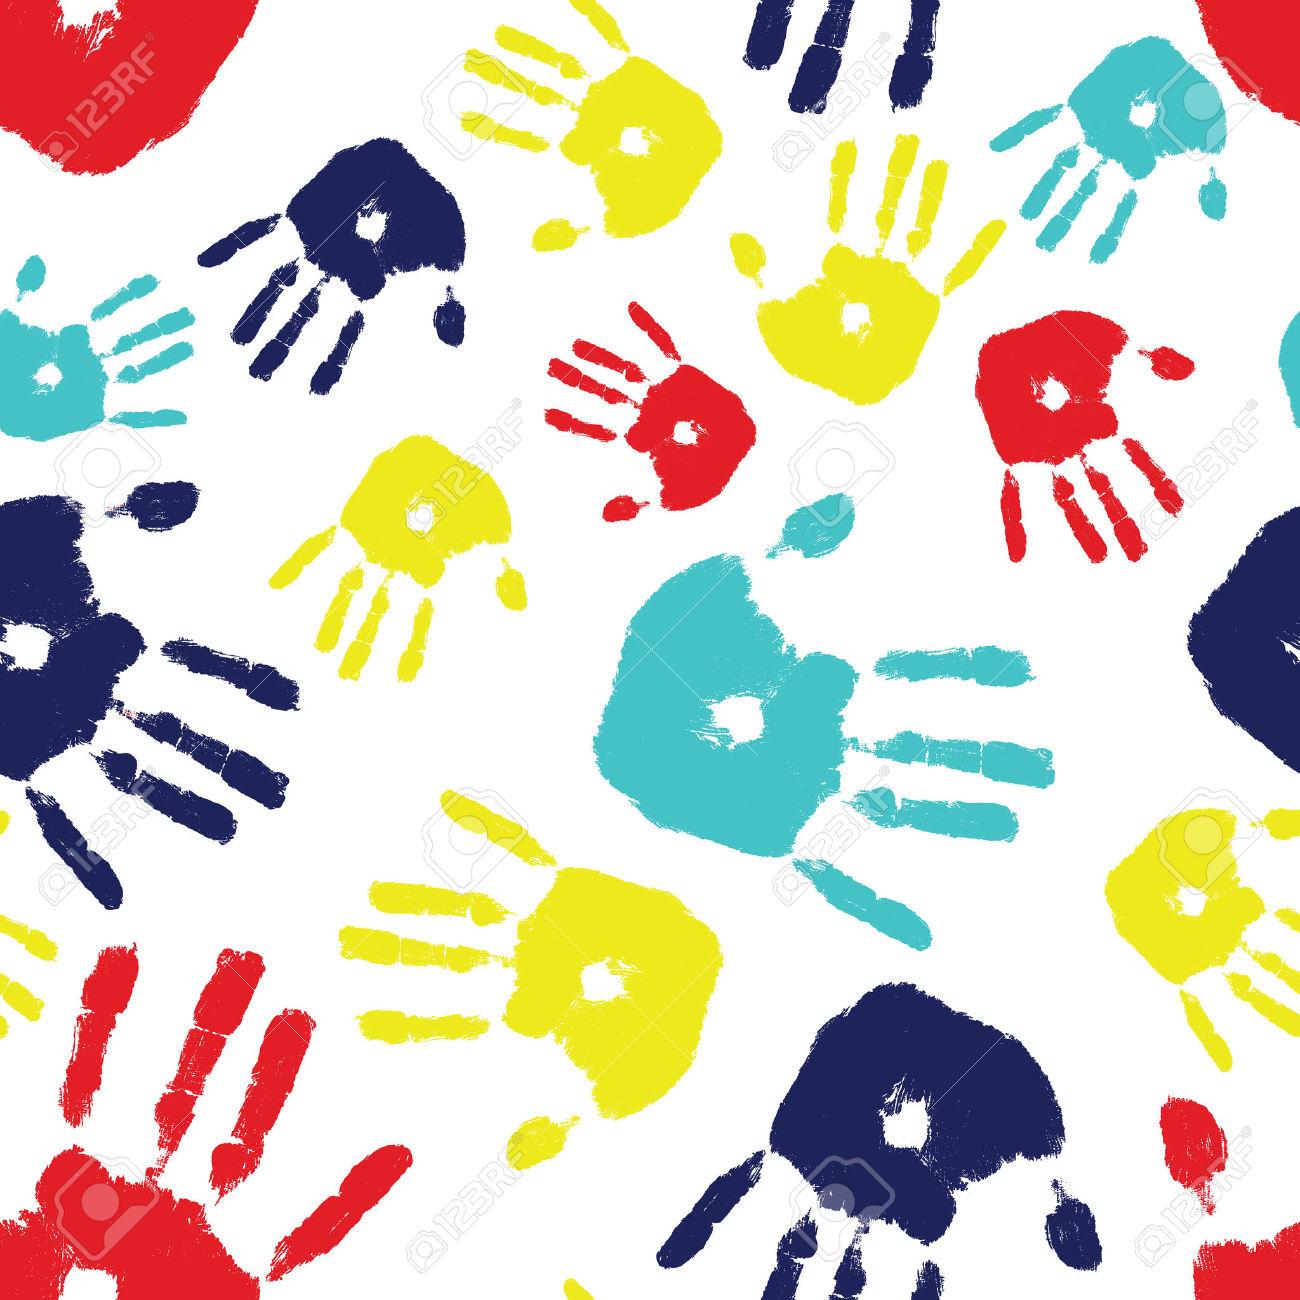 Handprint clipart background Autism Clipart Handprint cliparts Handprint